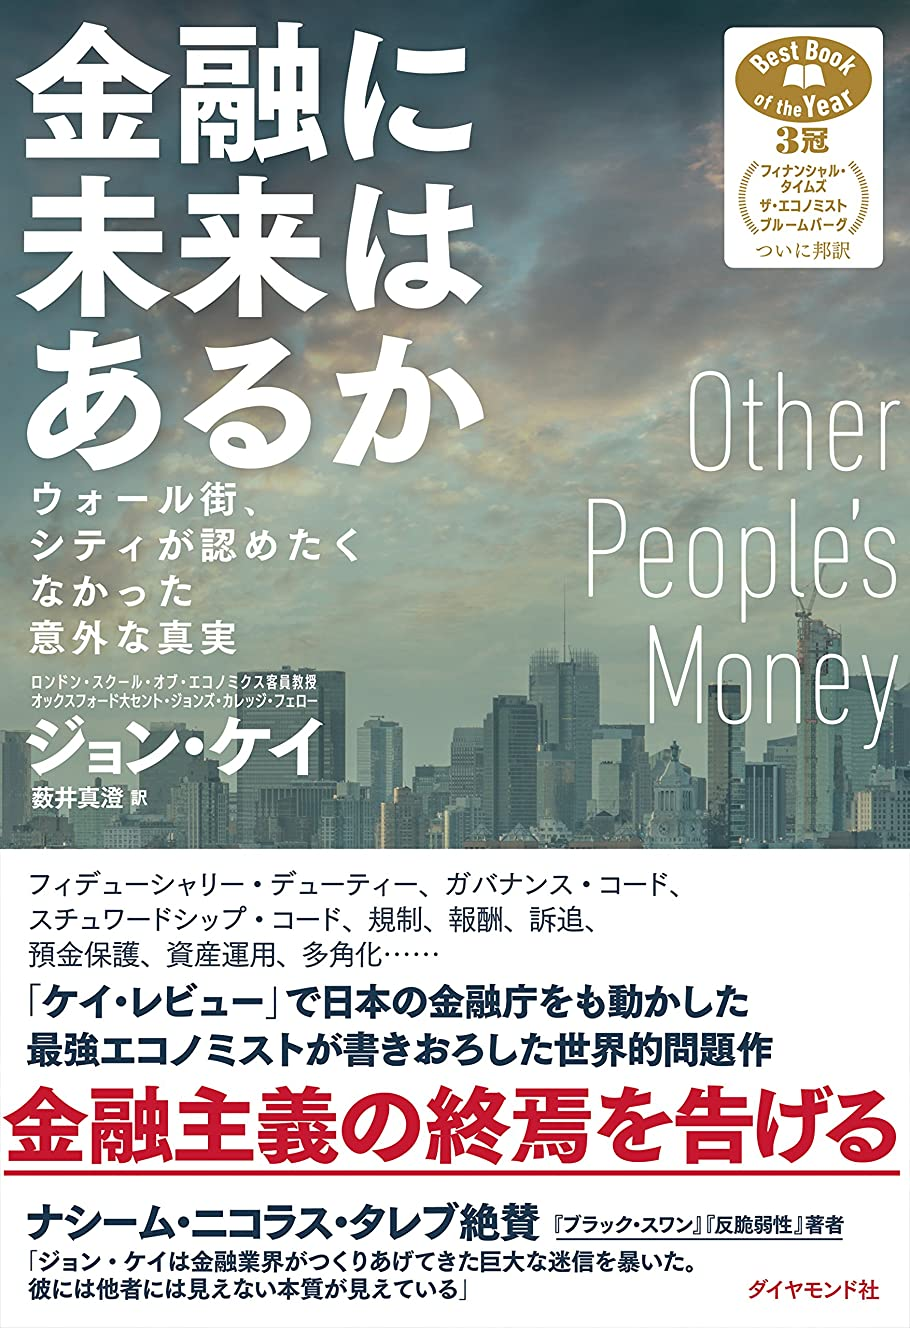 提供された眠っている一緒金融に未来はあるか――ウォール街、シティが認めたくなかった意外な真実